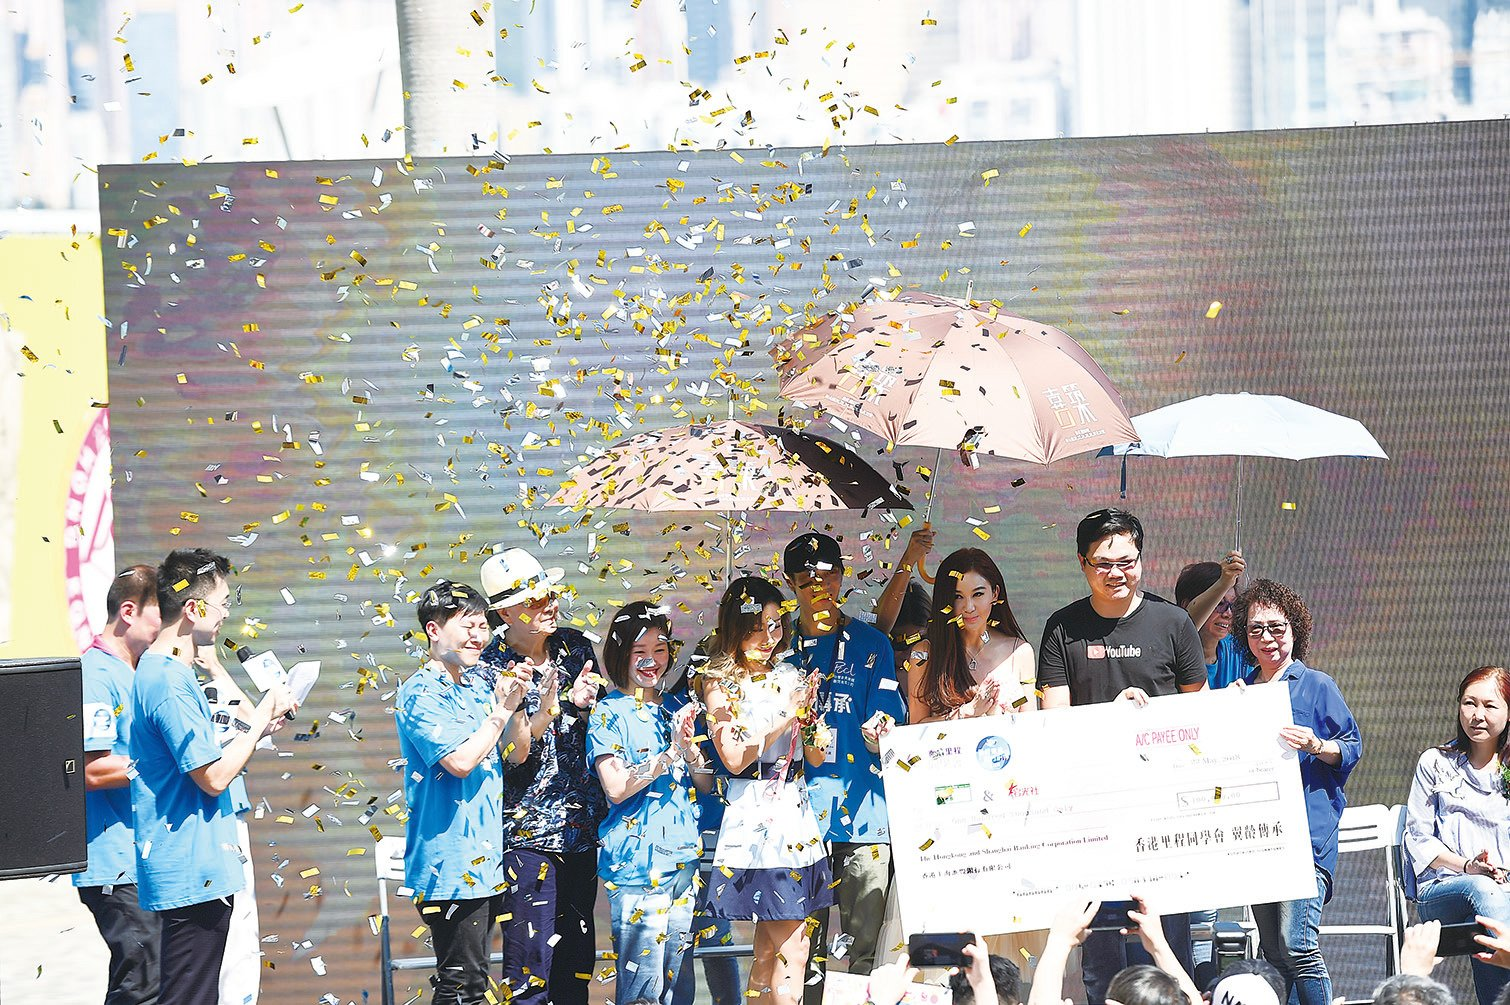 溫碧霞(右三)6月演唱會將邀請阿嬌做嘉賓。(郭威利/大紀元)